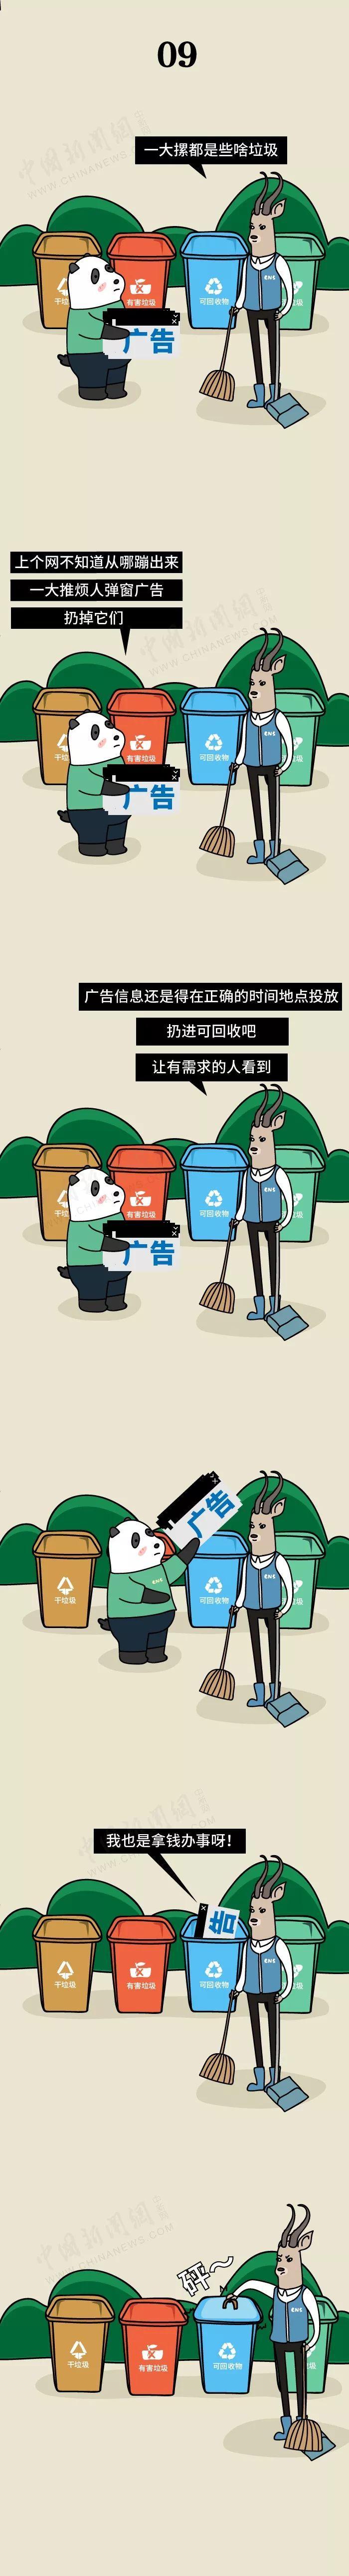 【漫画】你手机里的是干垃圾还是湿垃圾?该清清了